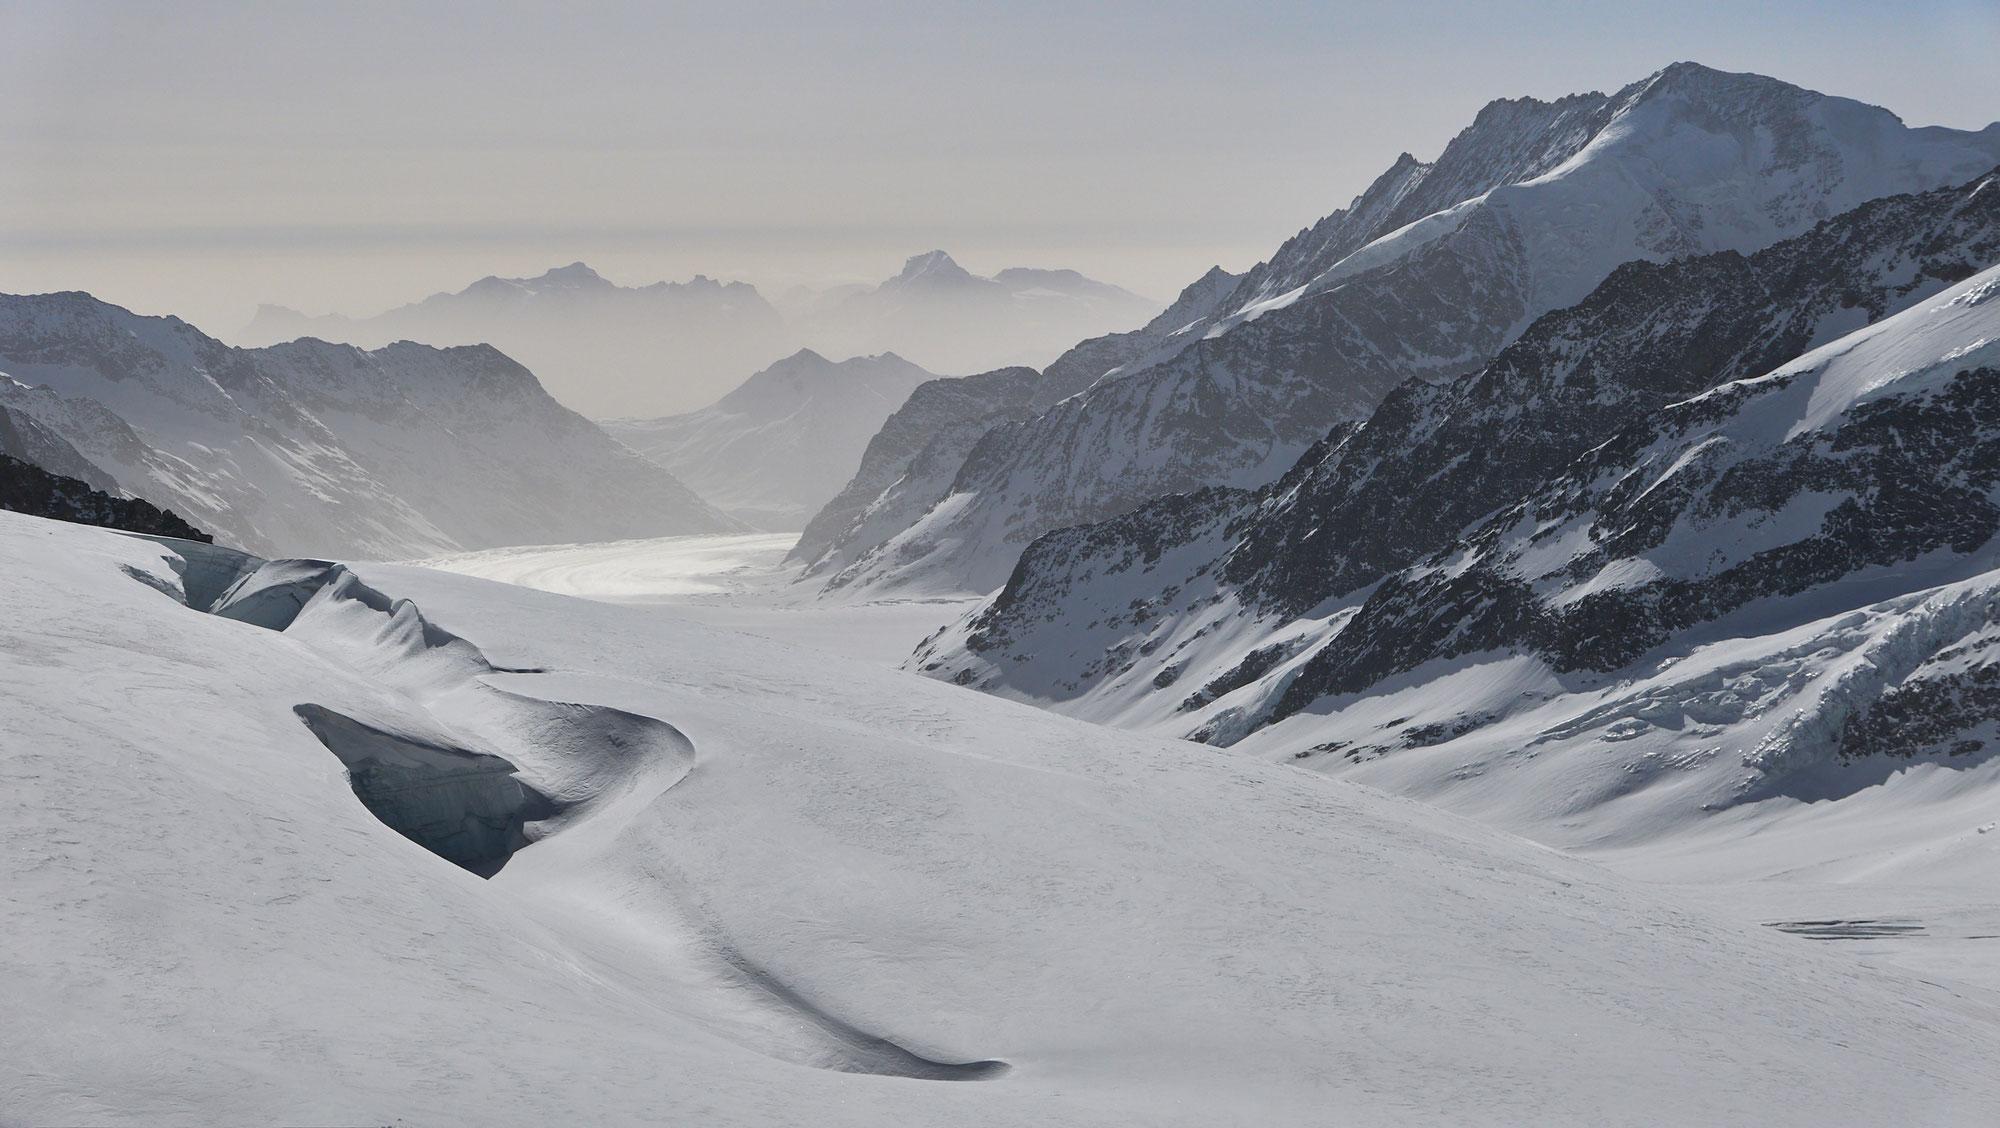 Jungfraujoch - Louwihorn - Mittaghorn - Lötschental